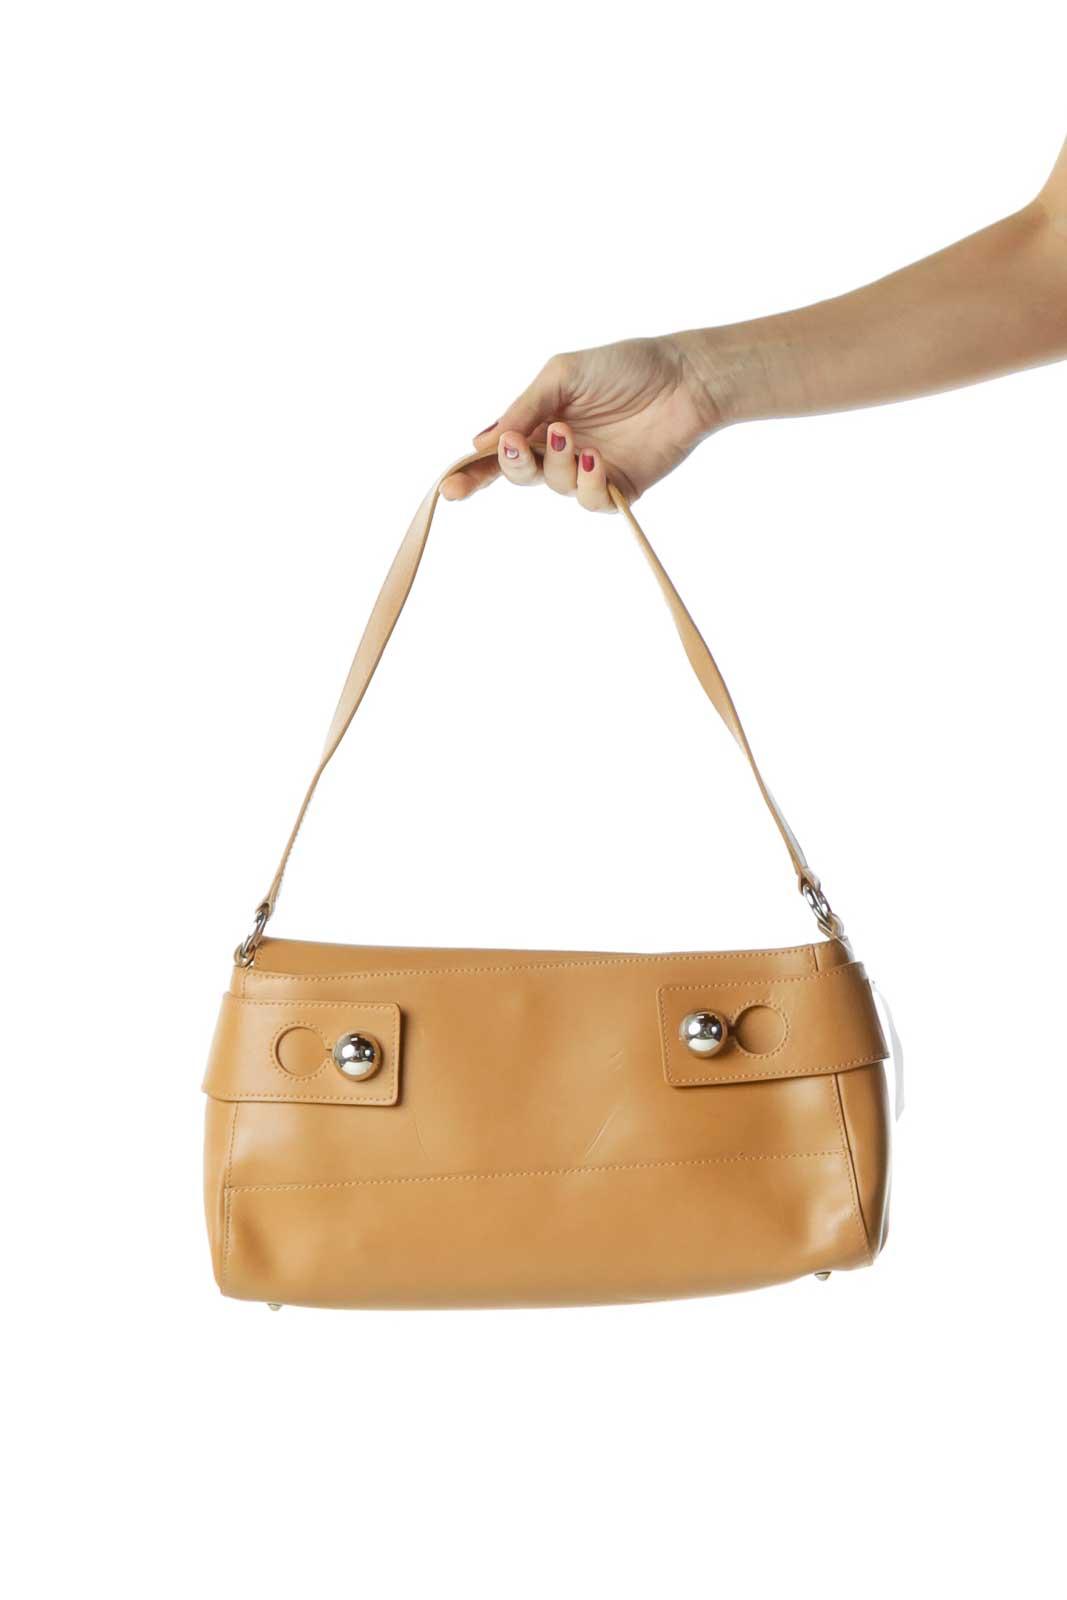 Beige Buckle Detail Leather Shoulder Bag Front